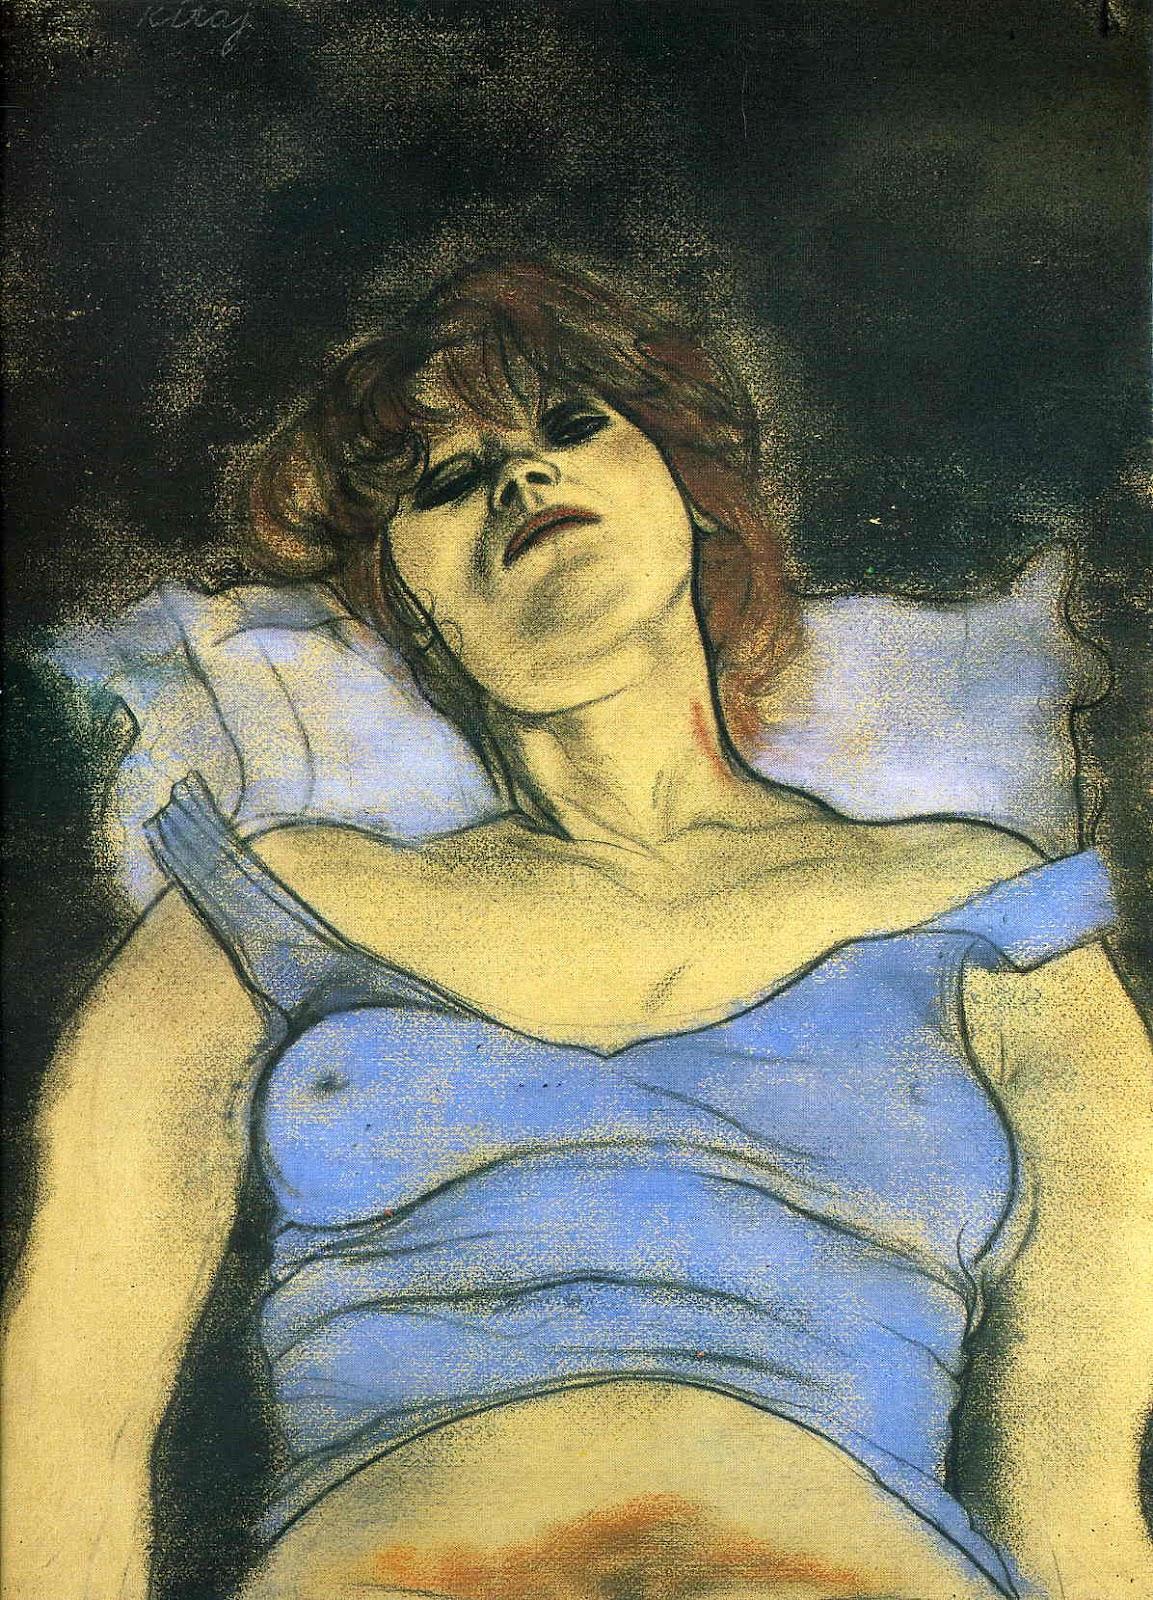 http://1.bp.blogspot.com/-7JYanr5ueBQ/T1M9KdOH7fI/AAAAAAAAJYI/xFJ8LeICzO4/s1600/1980+Mary+Ann+patel+&+charcoal+on+paper+77.5+x+56+cm.jpg